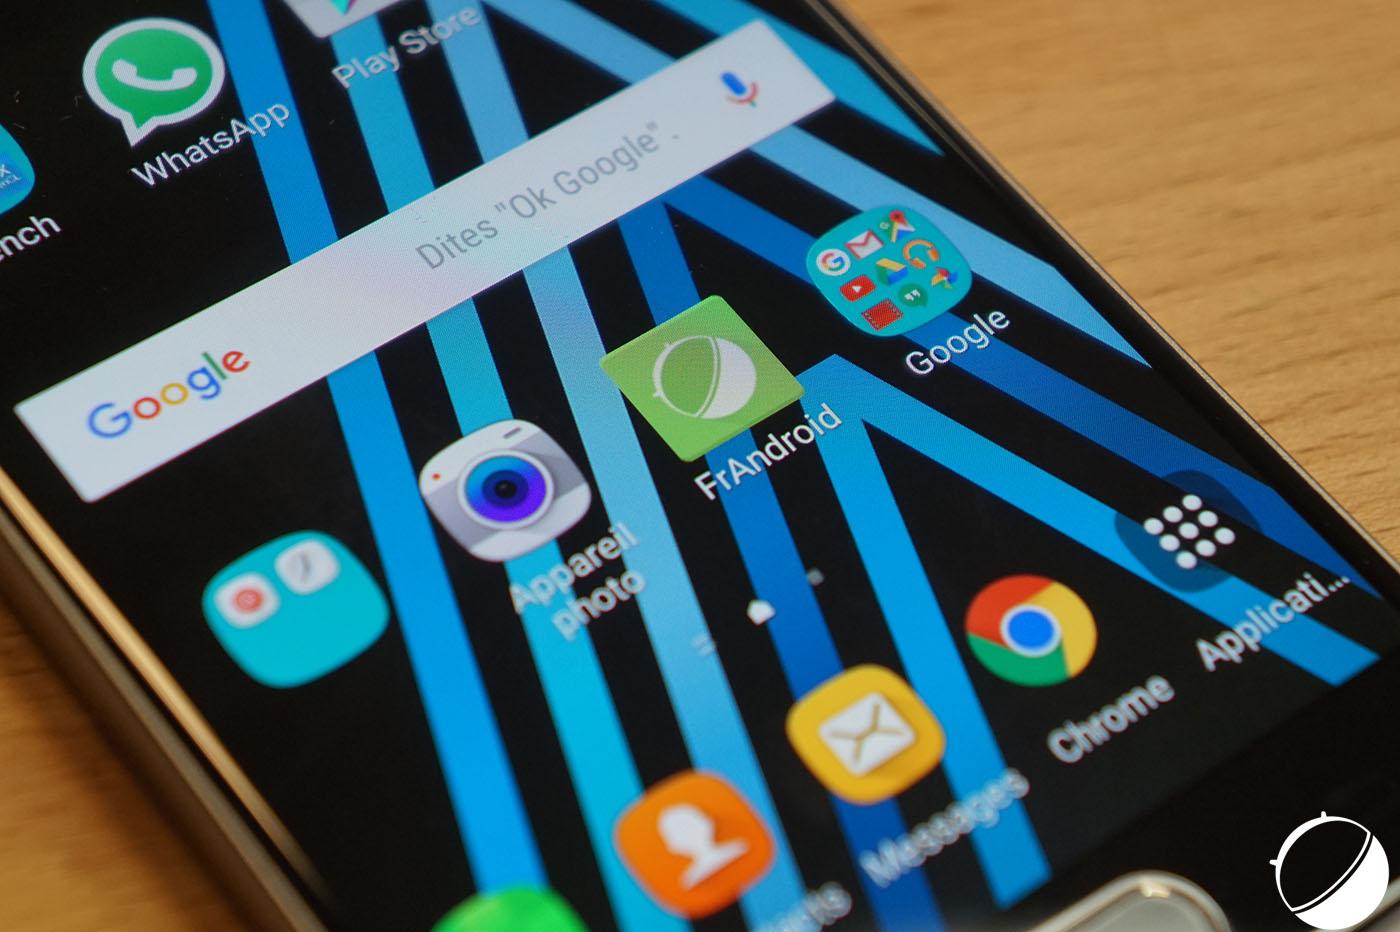 Le Samsung Galaxy A3 (2017) se précise après l'obtention d'une certification